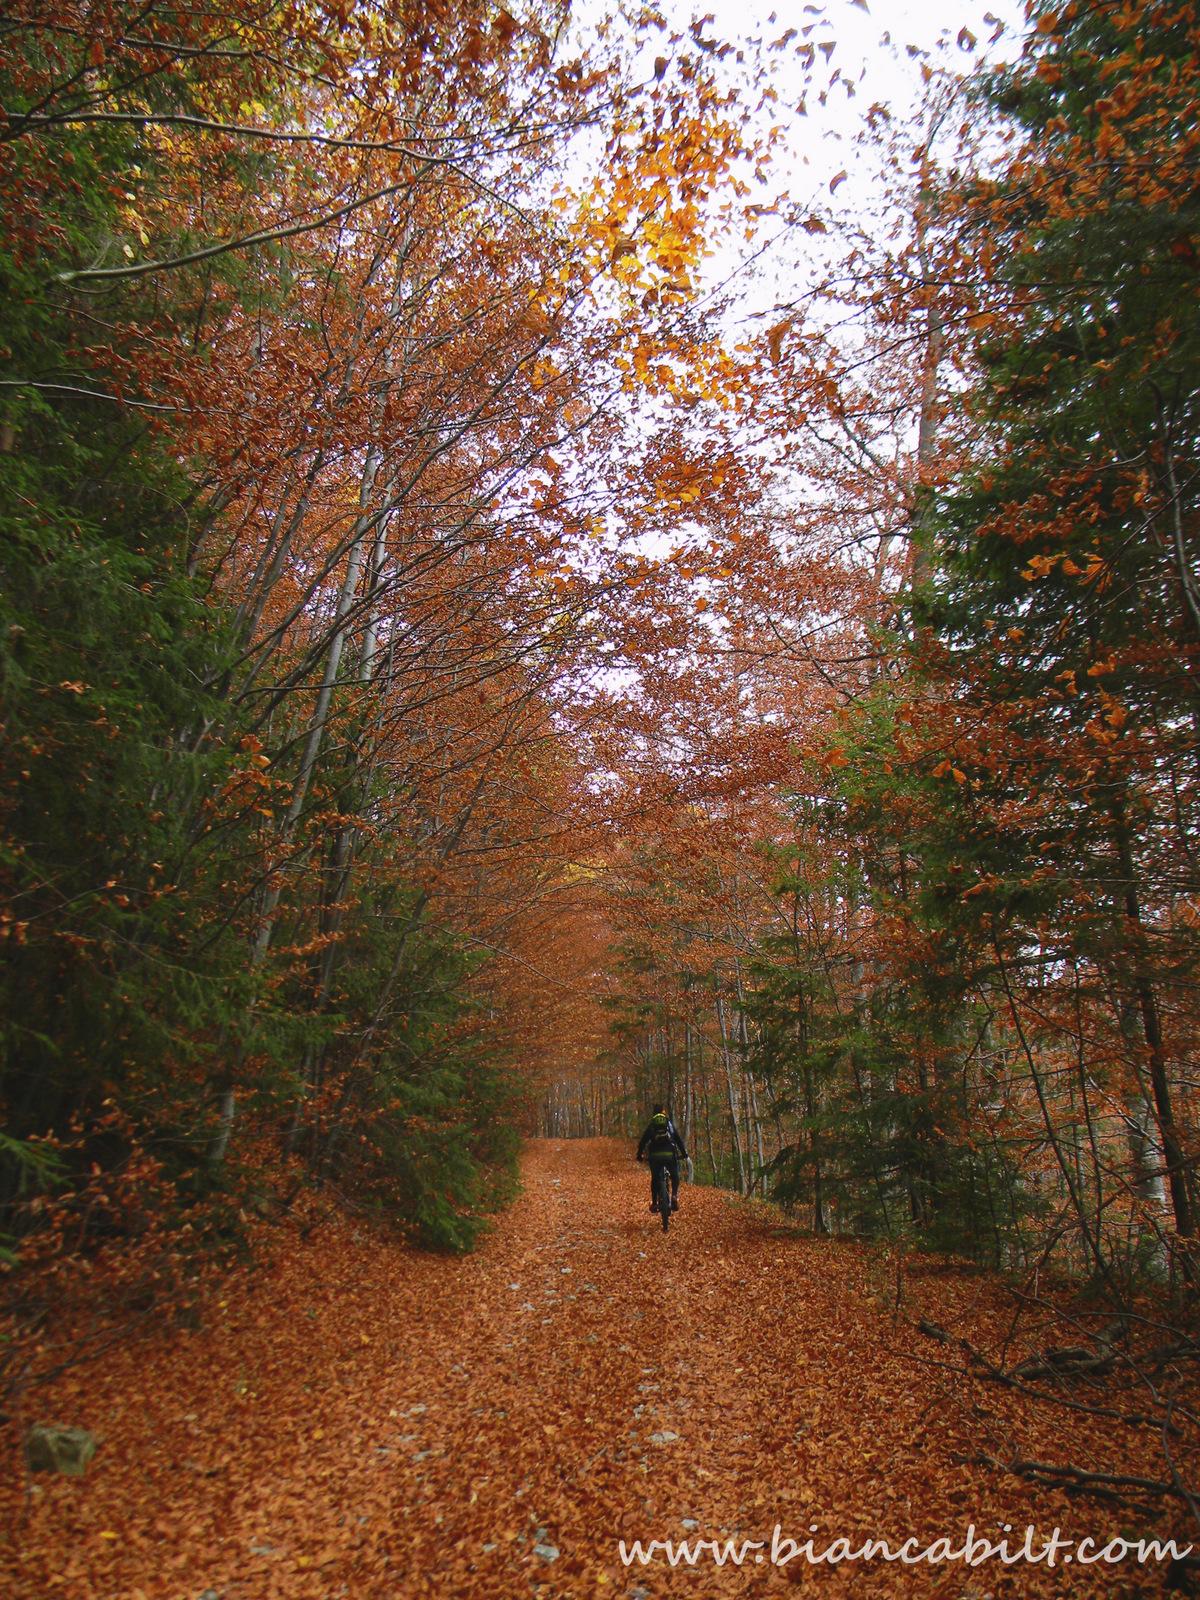 Pădurea asta e genială, zău! Am prins momentul perfect al toamnei.